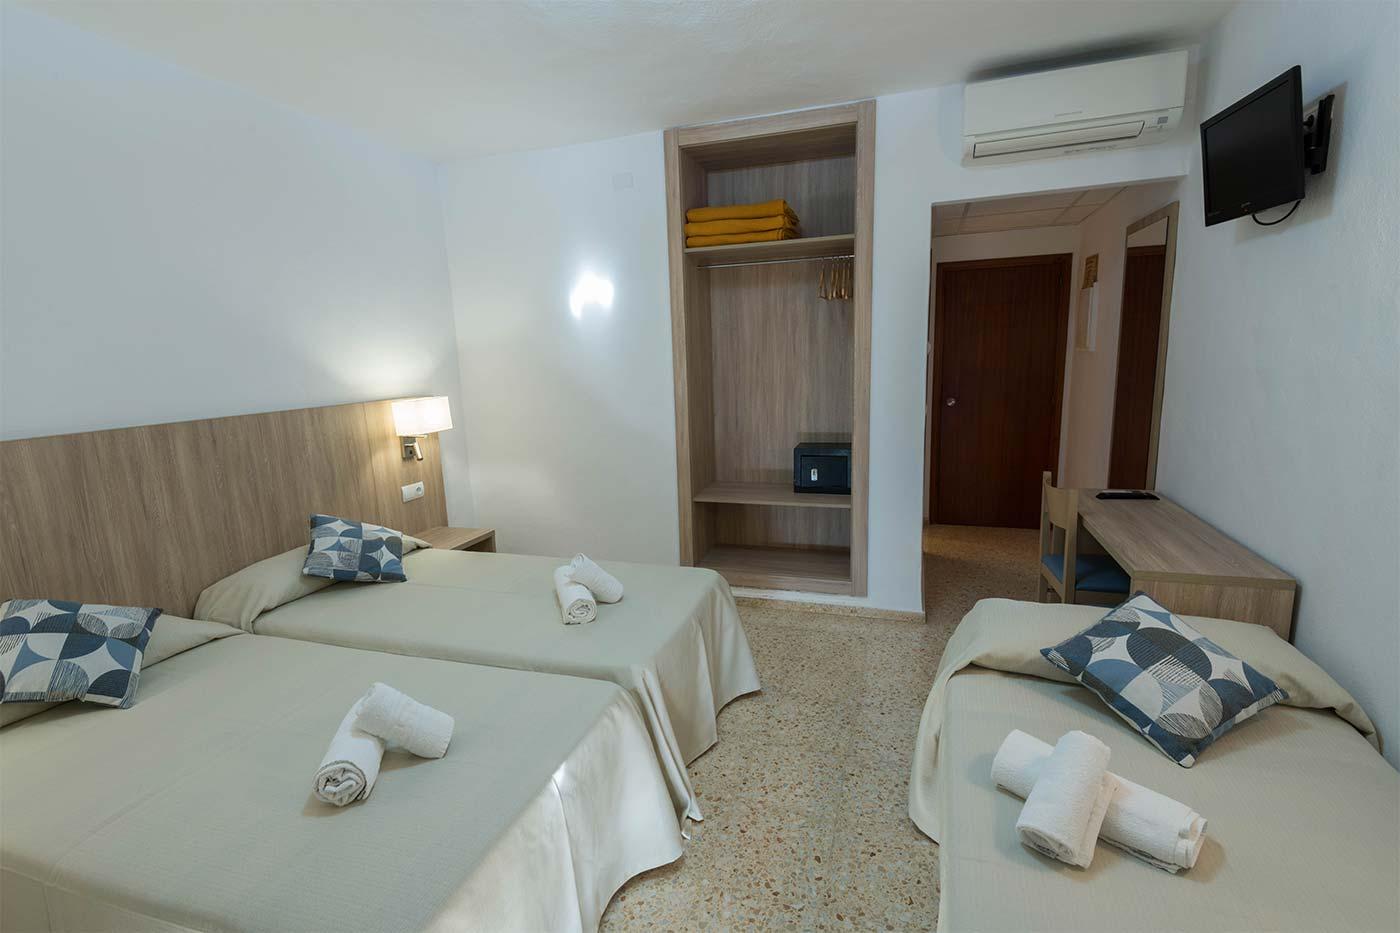 Habitación doble más supletoria en Ibiza